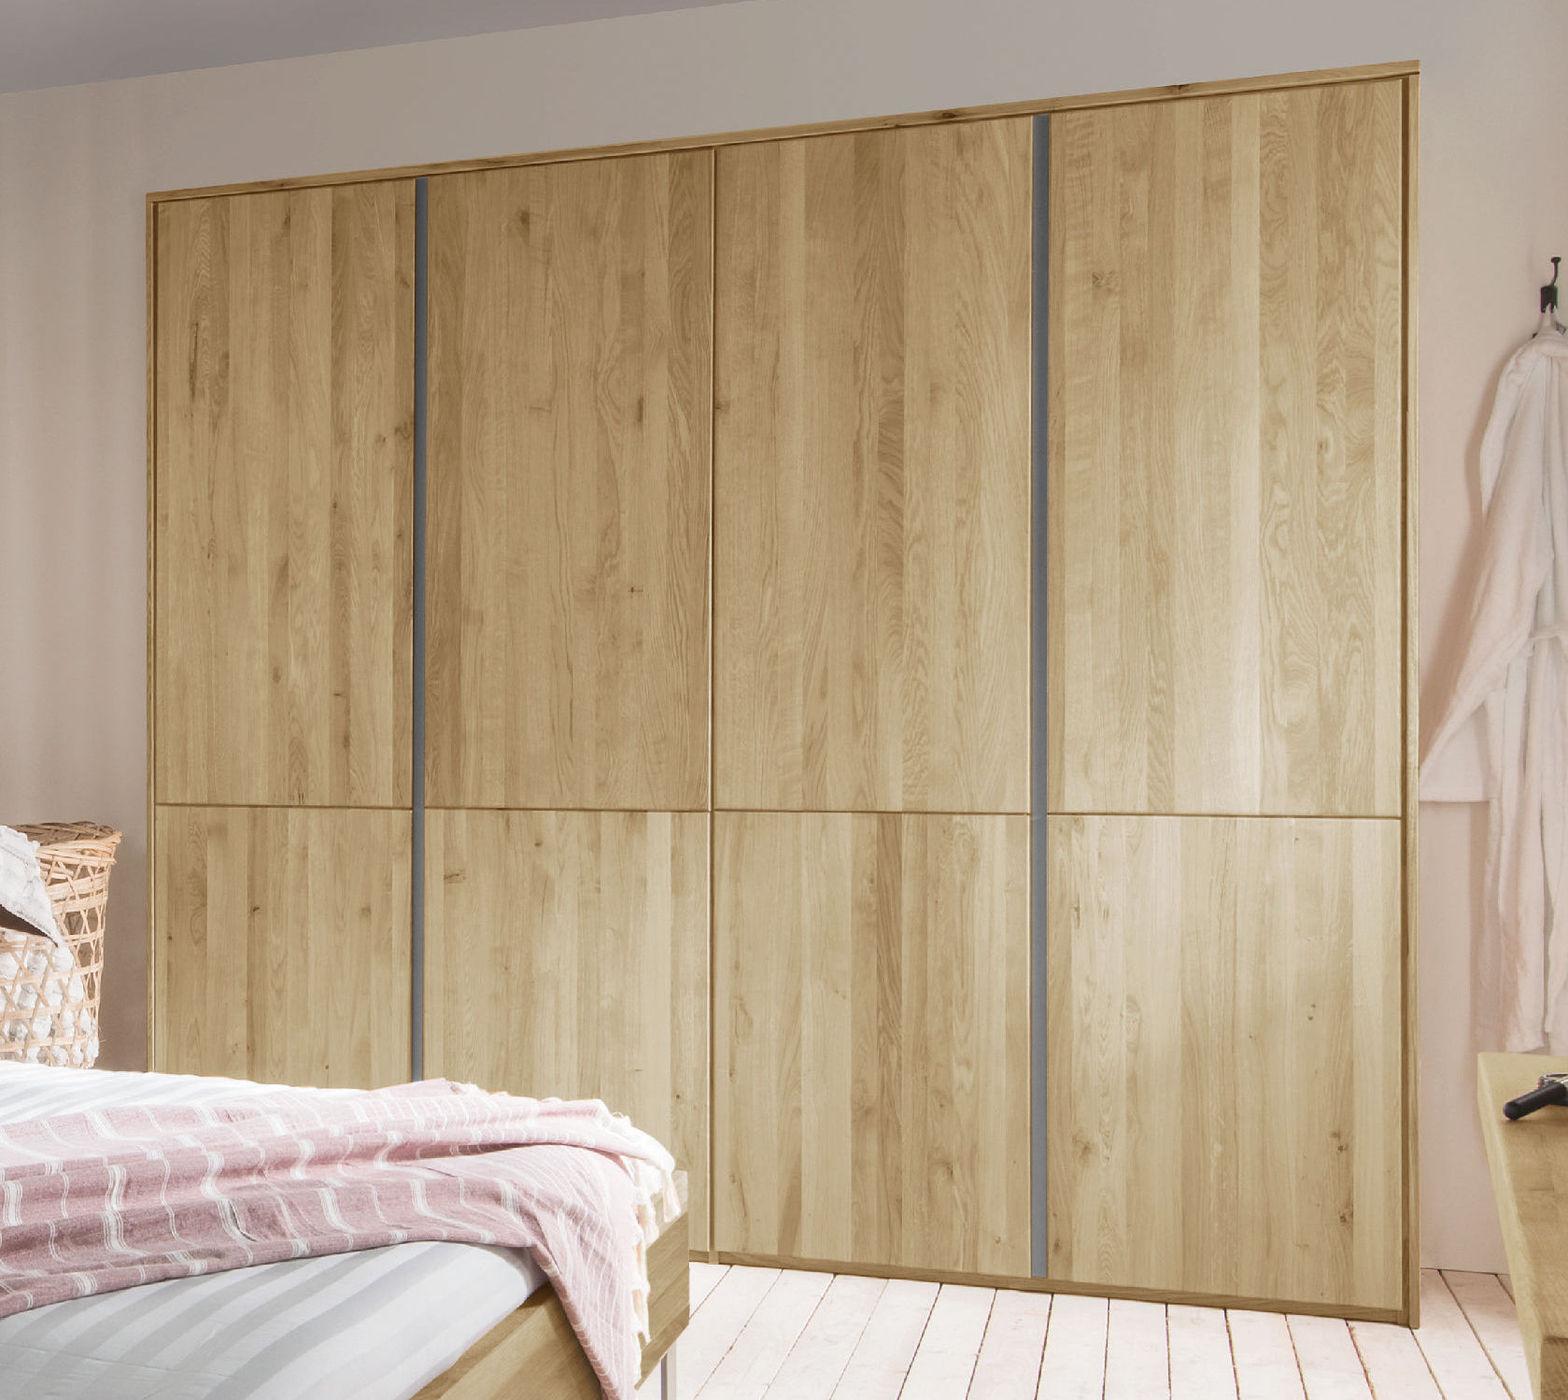 Kleiderschränke aus Wildeiche für Schlafzimmer | BETTEN.de